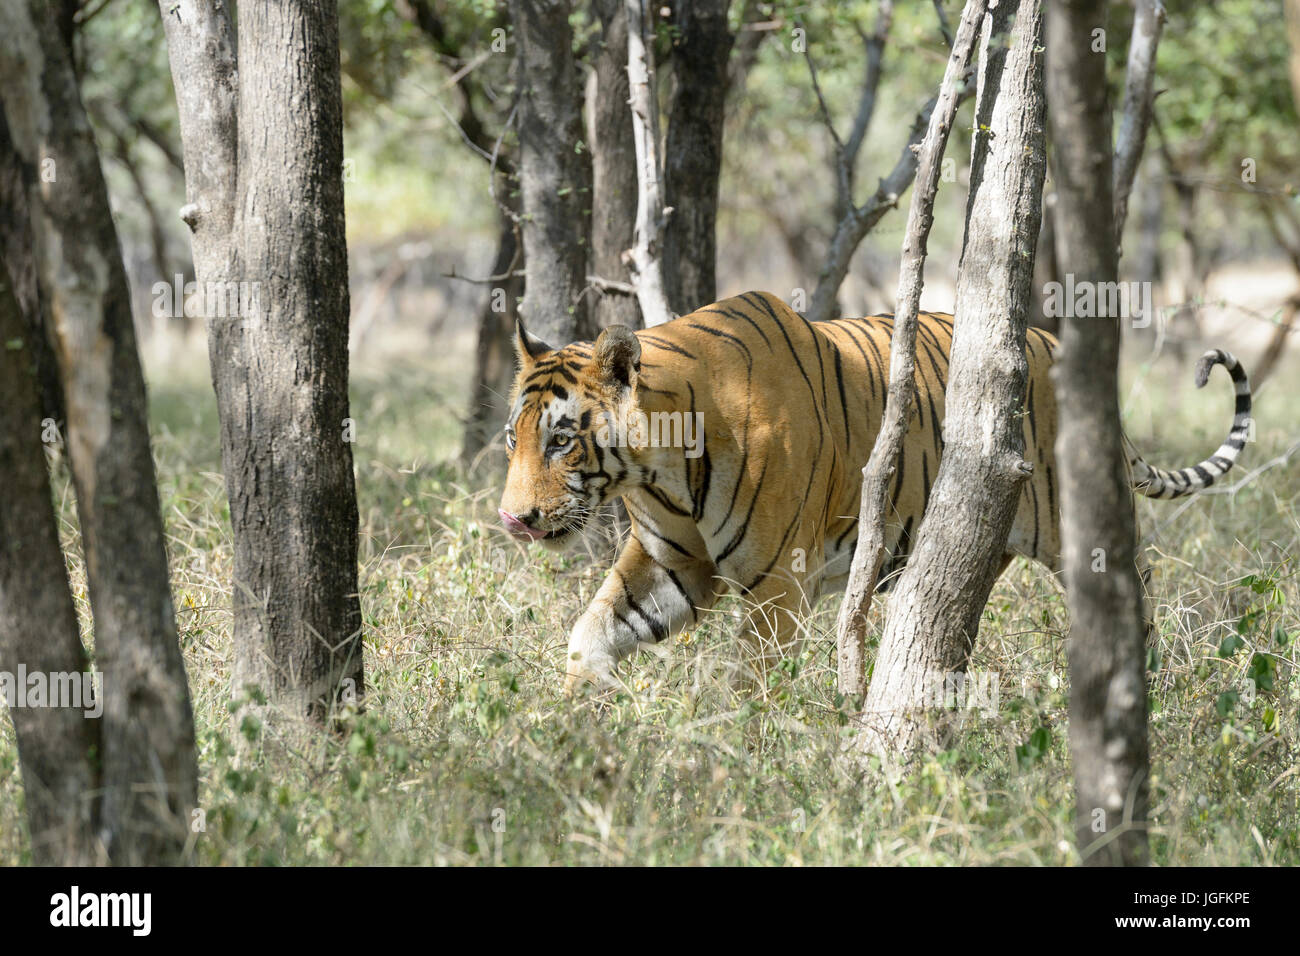 Royal bengal tiger (Panthera tigris tigris) walking in forest, Ranthambhore National Park, Rajasthan, India. Stock Photo